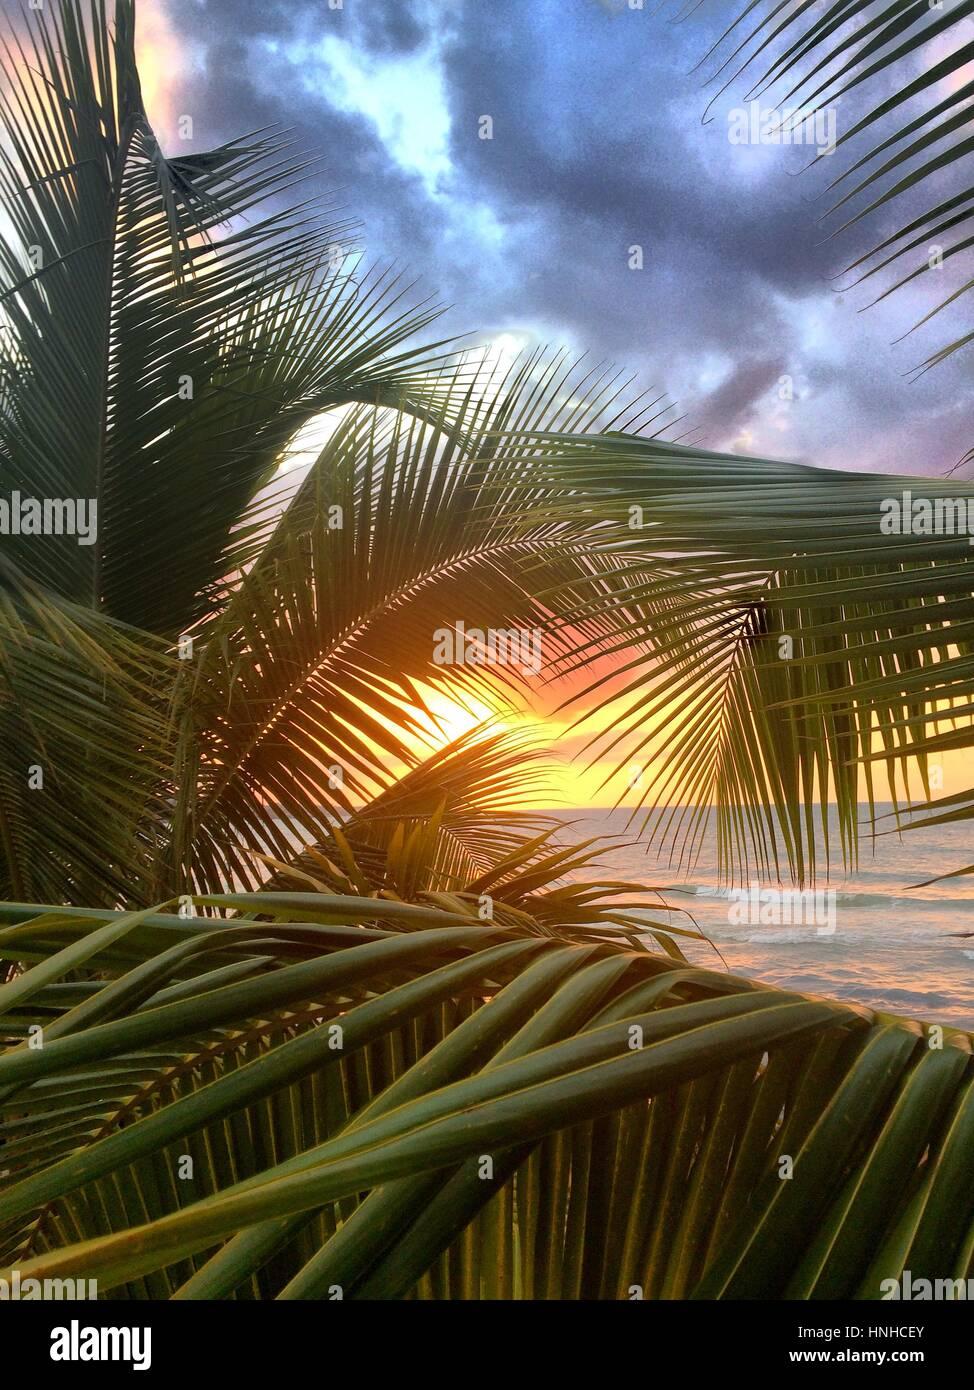 Coucher de soleil sur Seven Mile Beach, en Jamaïque. Vu par un palmier. Photo Stock